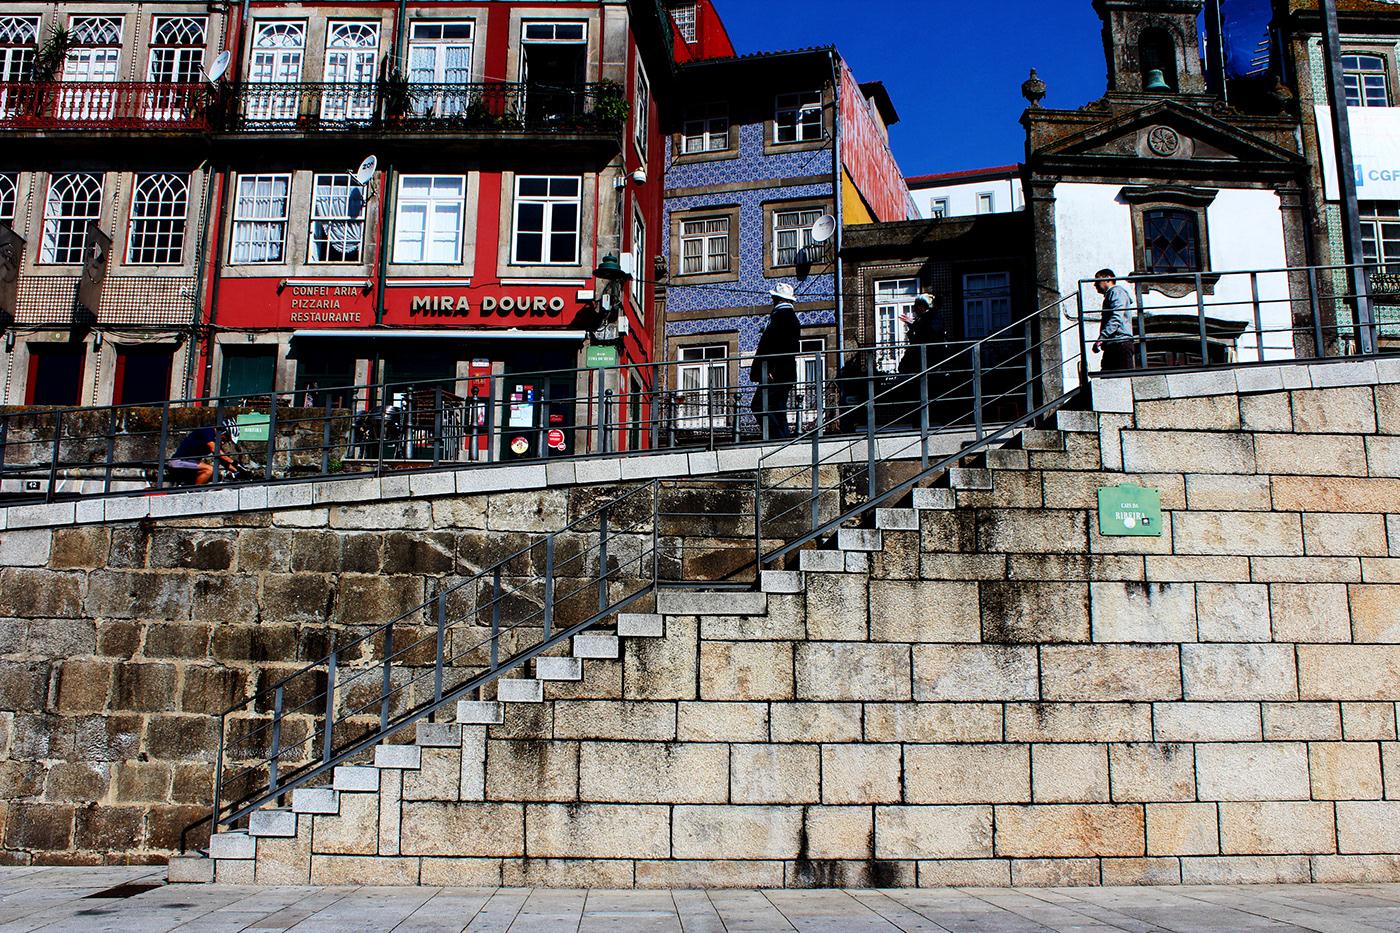 porto Portugal Douro ribeira